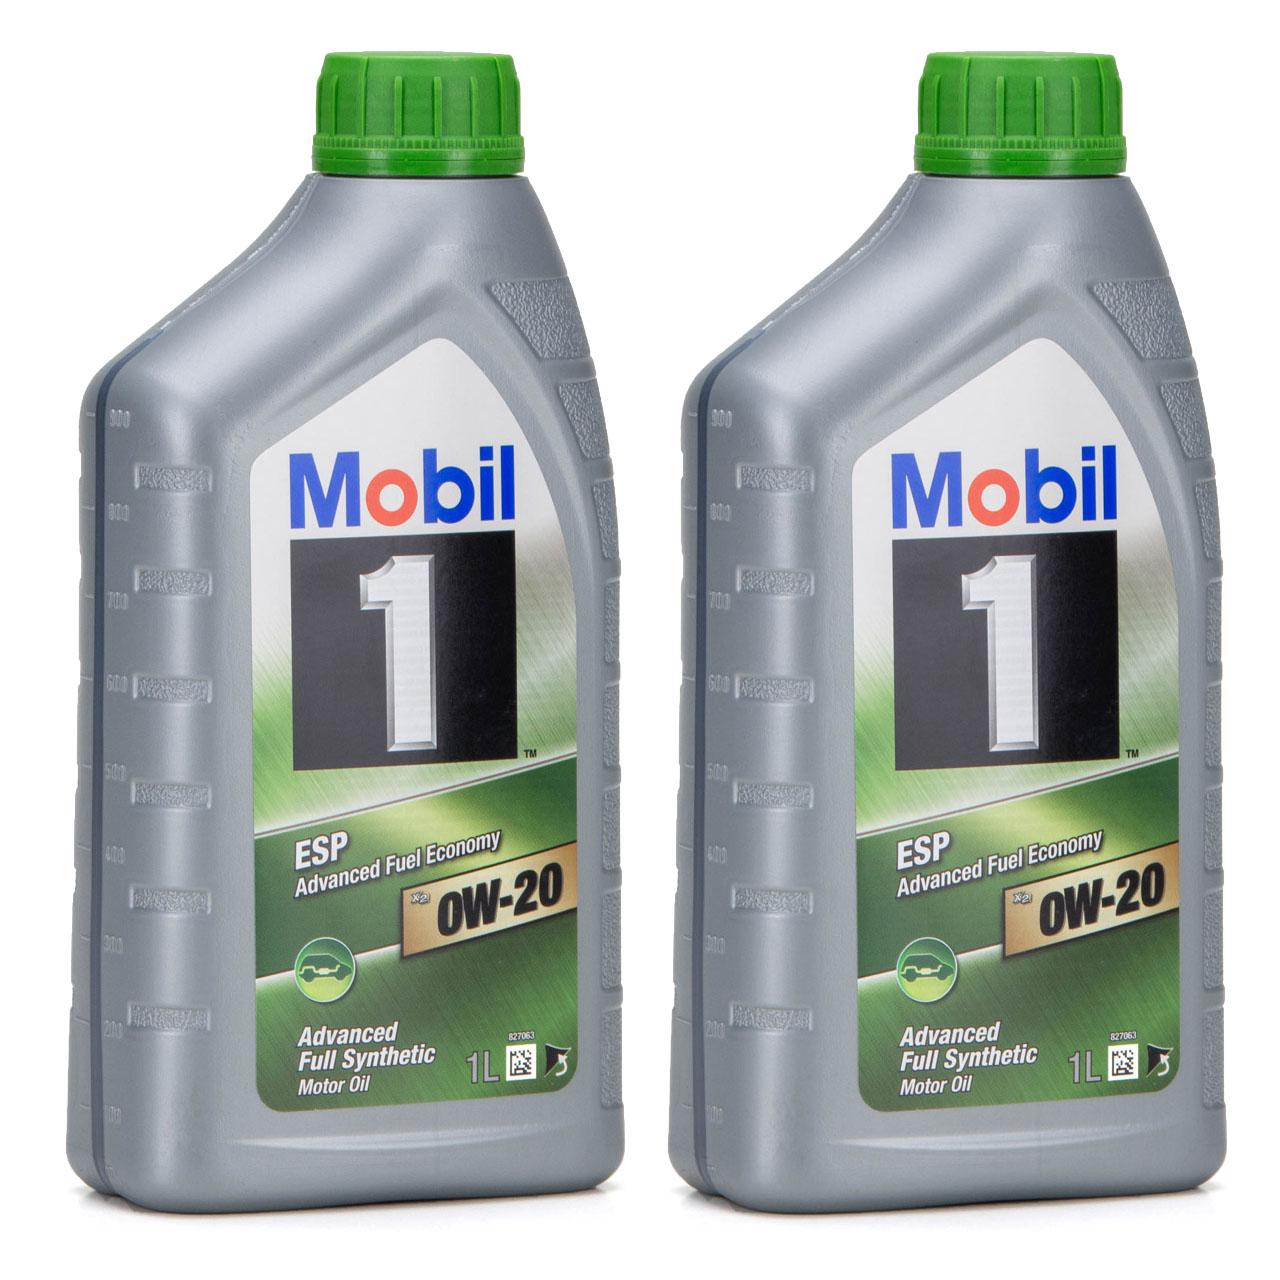 Mobil 1 ESP X2 Motoröl Öl 0W-20 0W20 PORSCHE C20 VW 508.00/509.00 - 2L 2 Liter